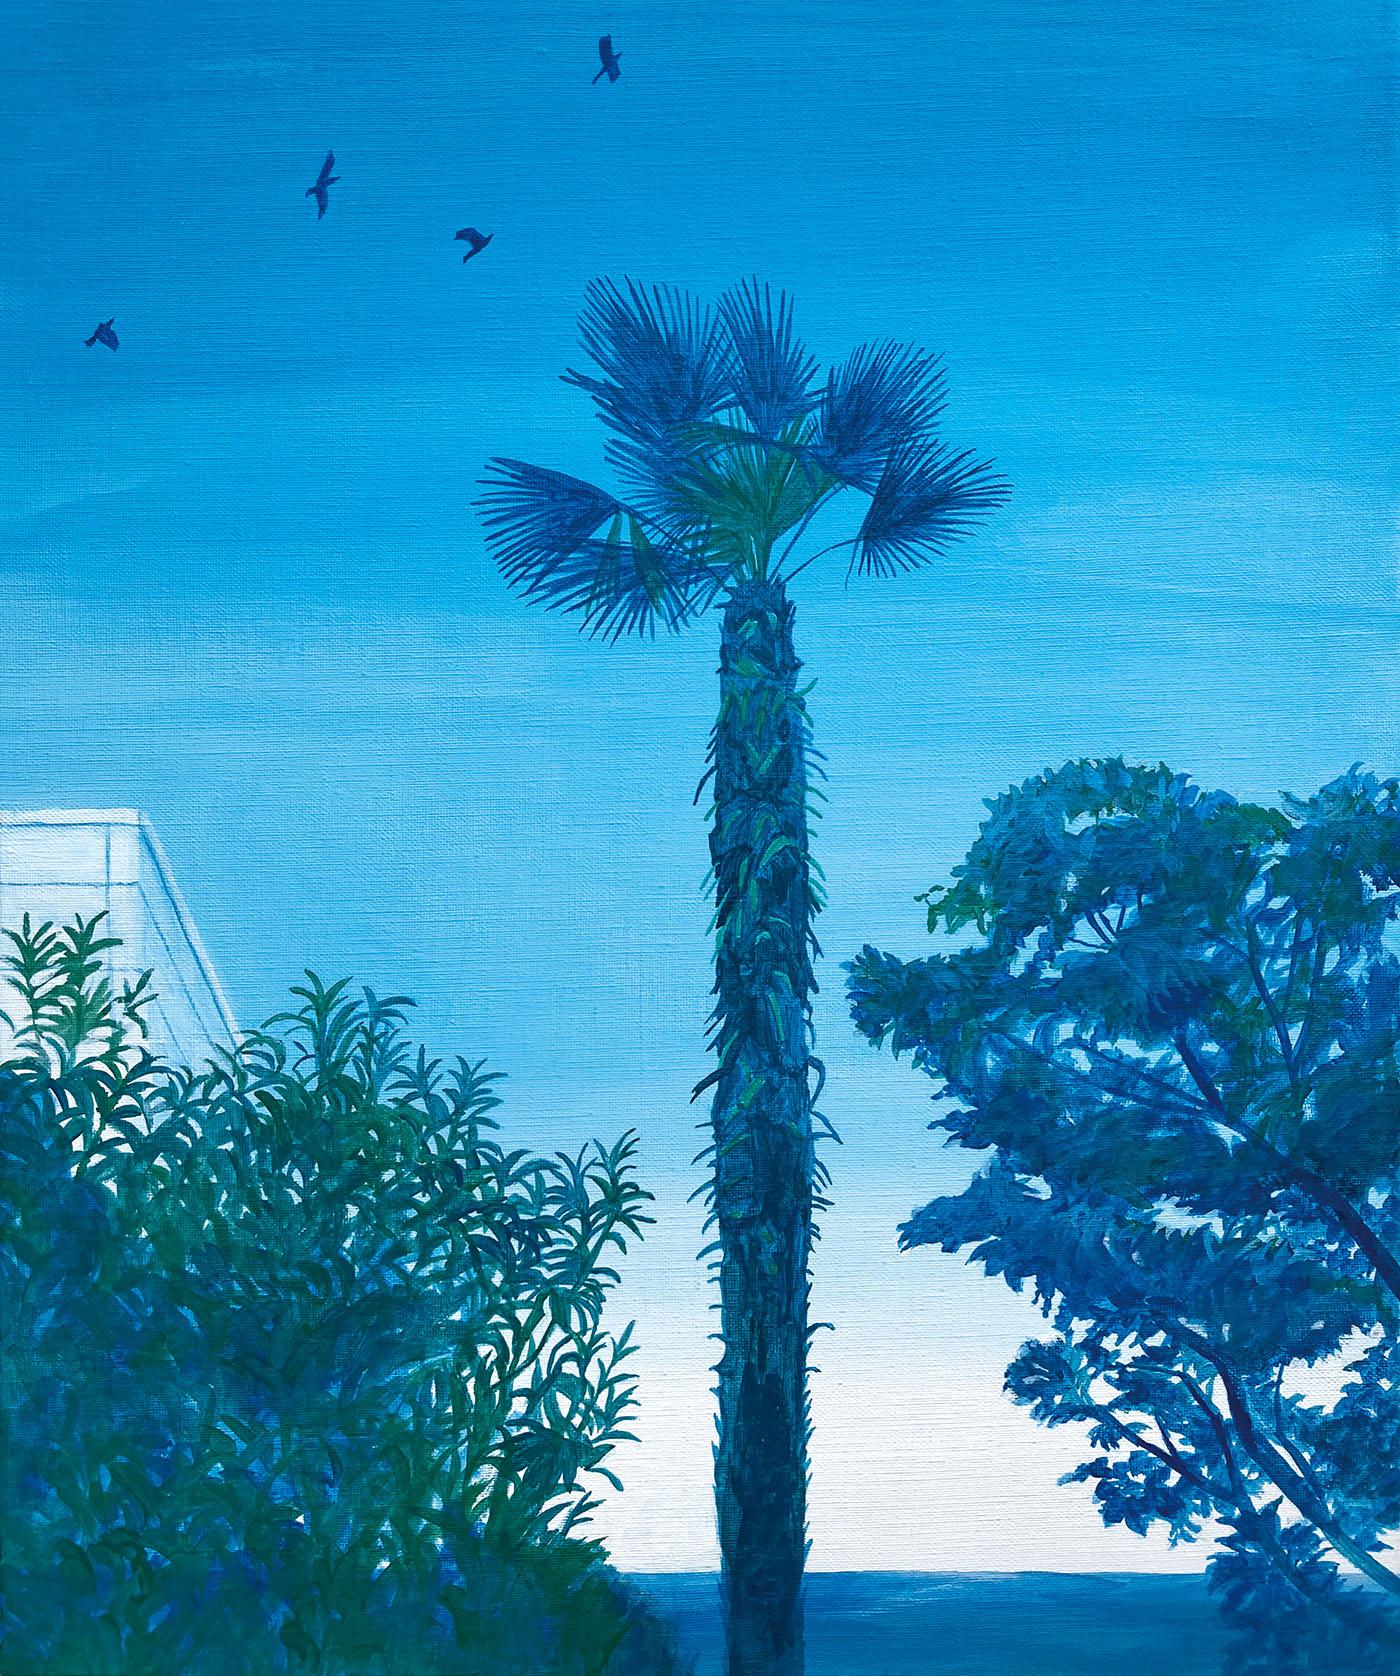 イラストレーション 草野碧 風景 夏 海 ノスタルジック